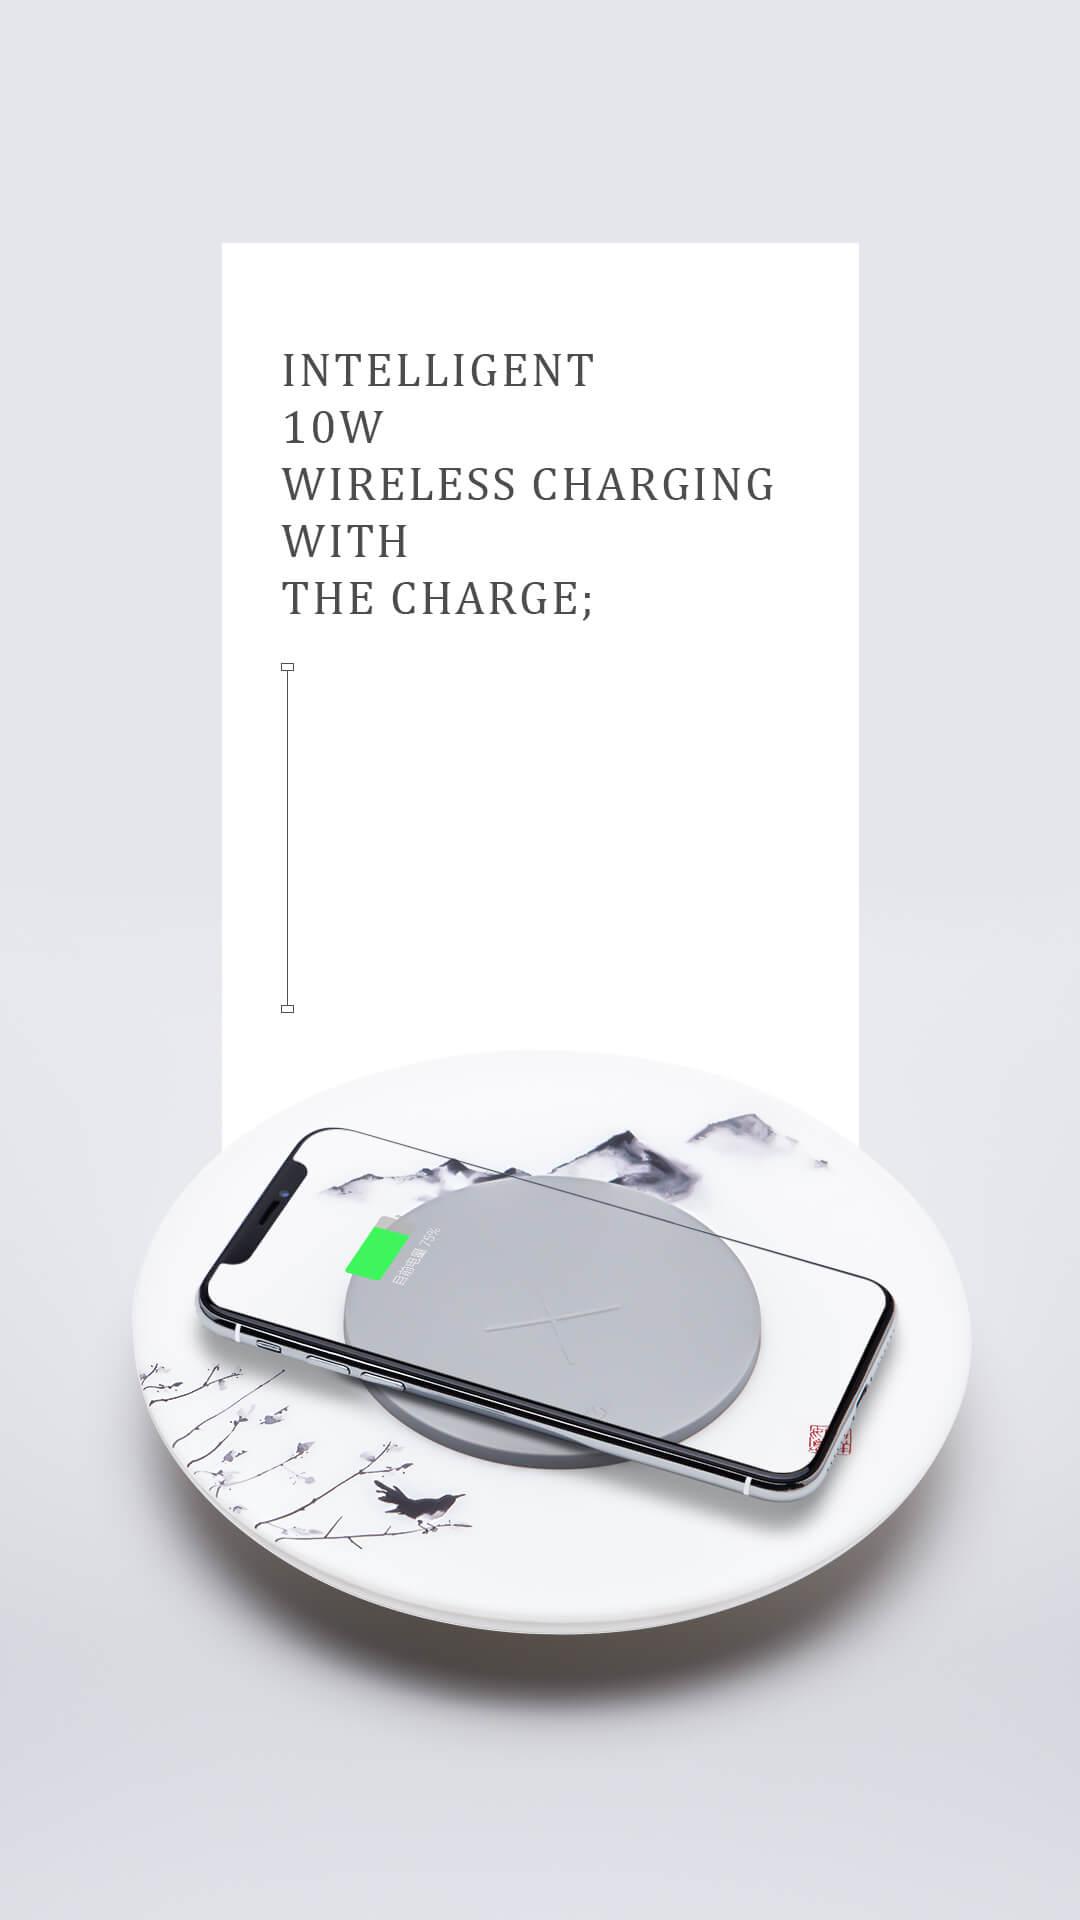 RLS-L01 Recci Wireless Charging